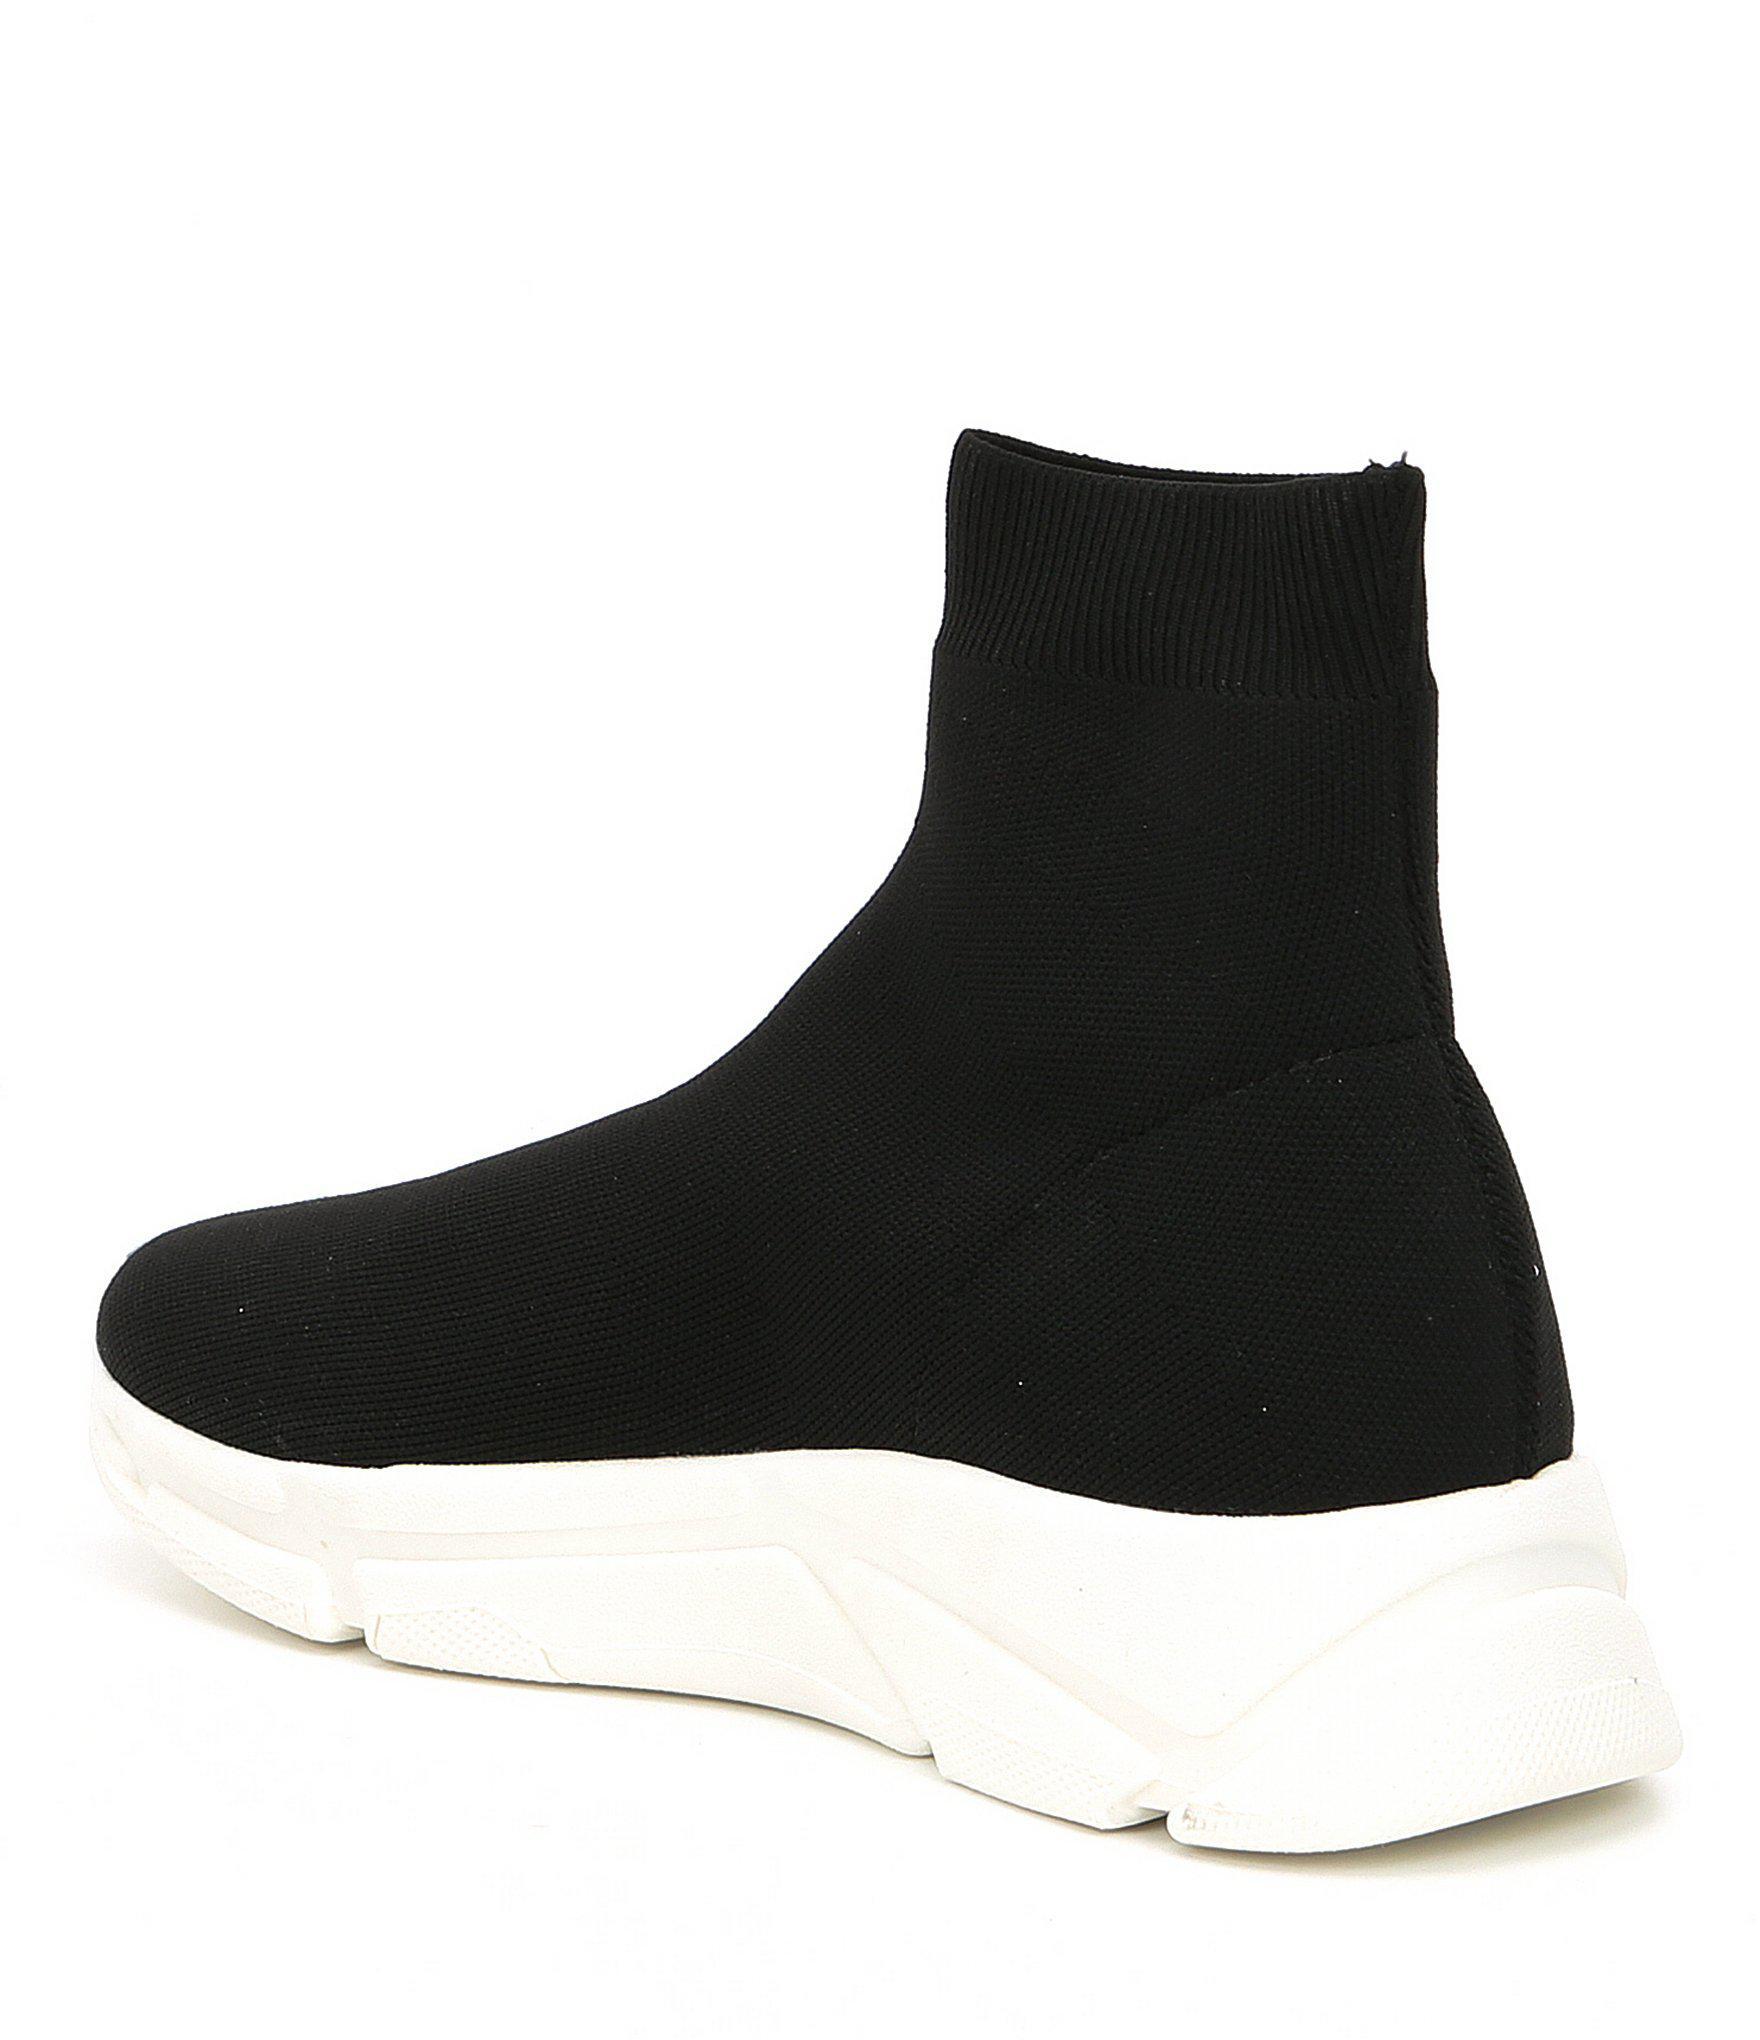 6aeaaf94977 Lyst - Steve Madden Bitten Knit Sneakers in Black